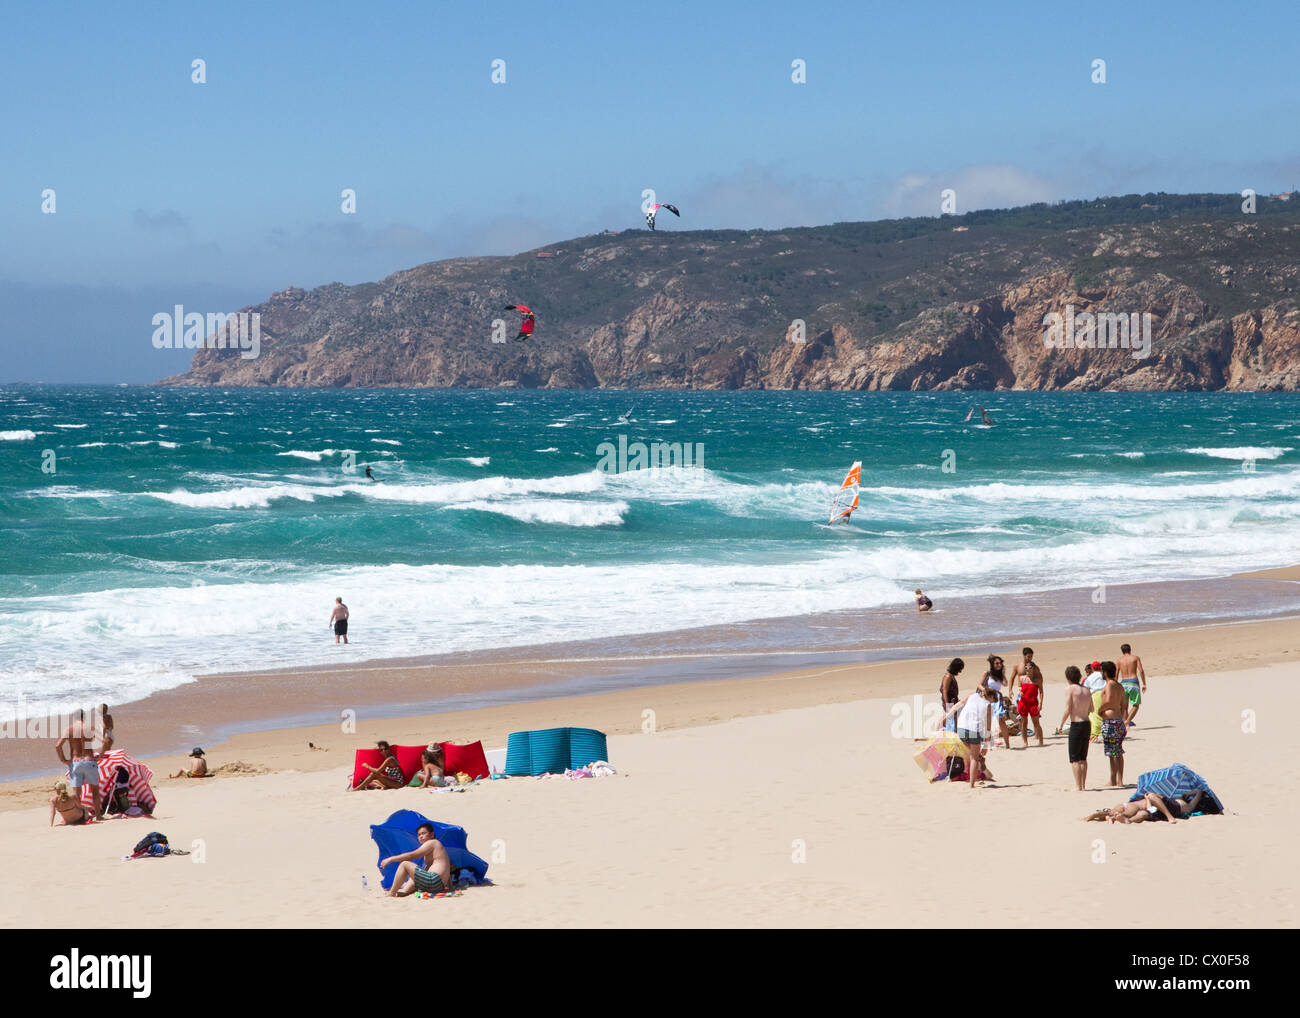 Windy day on Guincho beach, Cascais, Lisbon Coast, Estremadura, Portugal Stock Photo